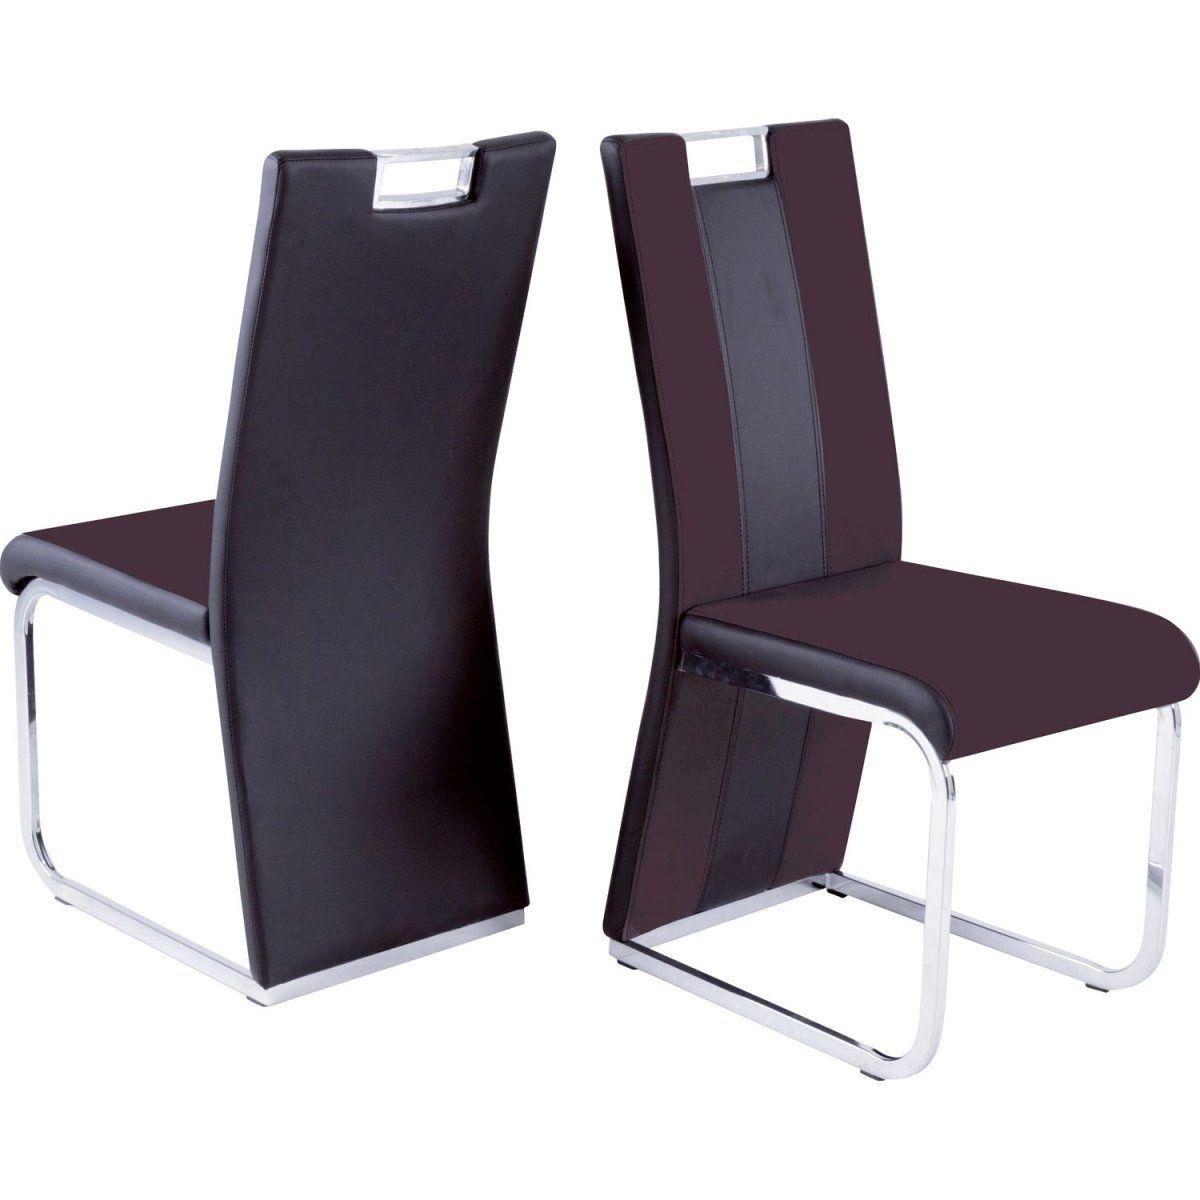 Astounding Hochlehner Sofa Dekoration Von Reality Hochlehner-stuhl Bari 3 4er-set Leder-look Dunkelbraun